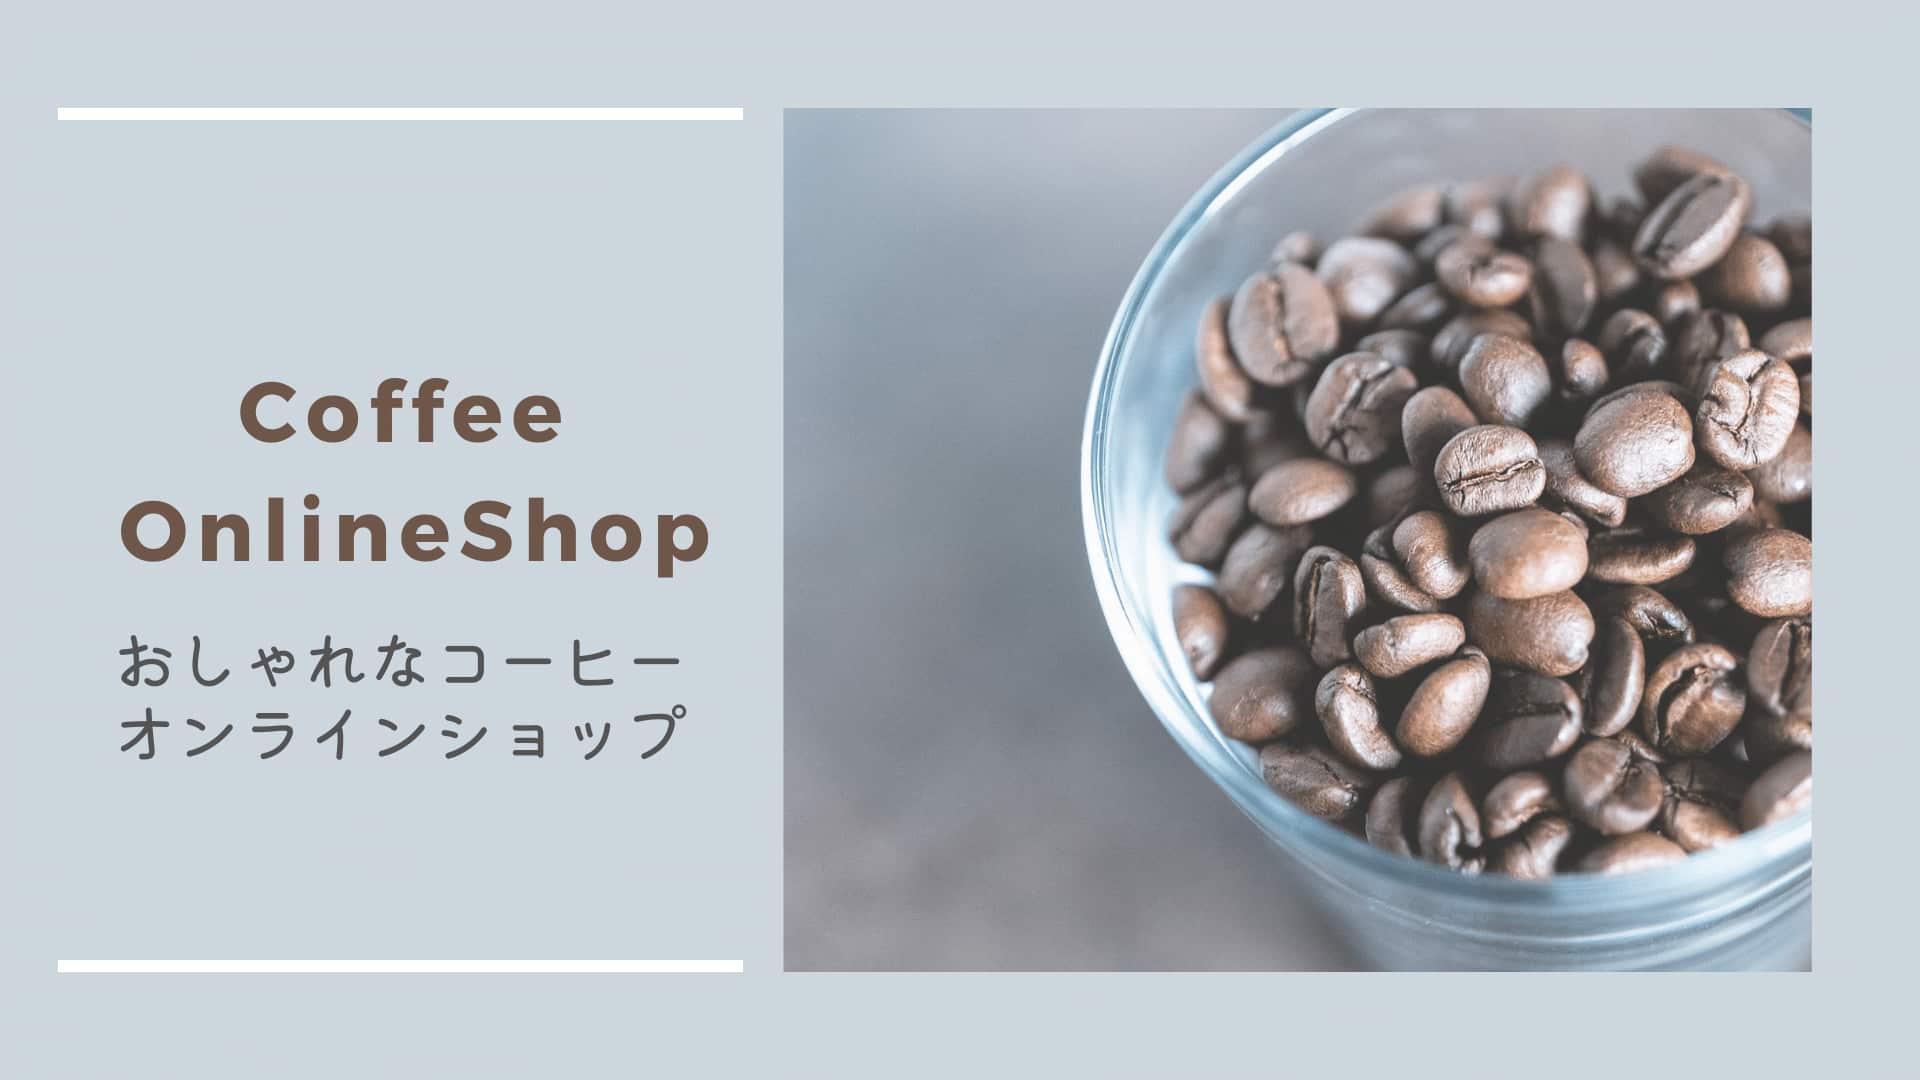 コーヒーのオンラインショップ